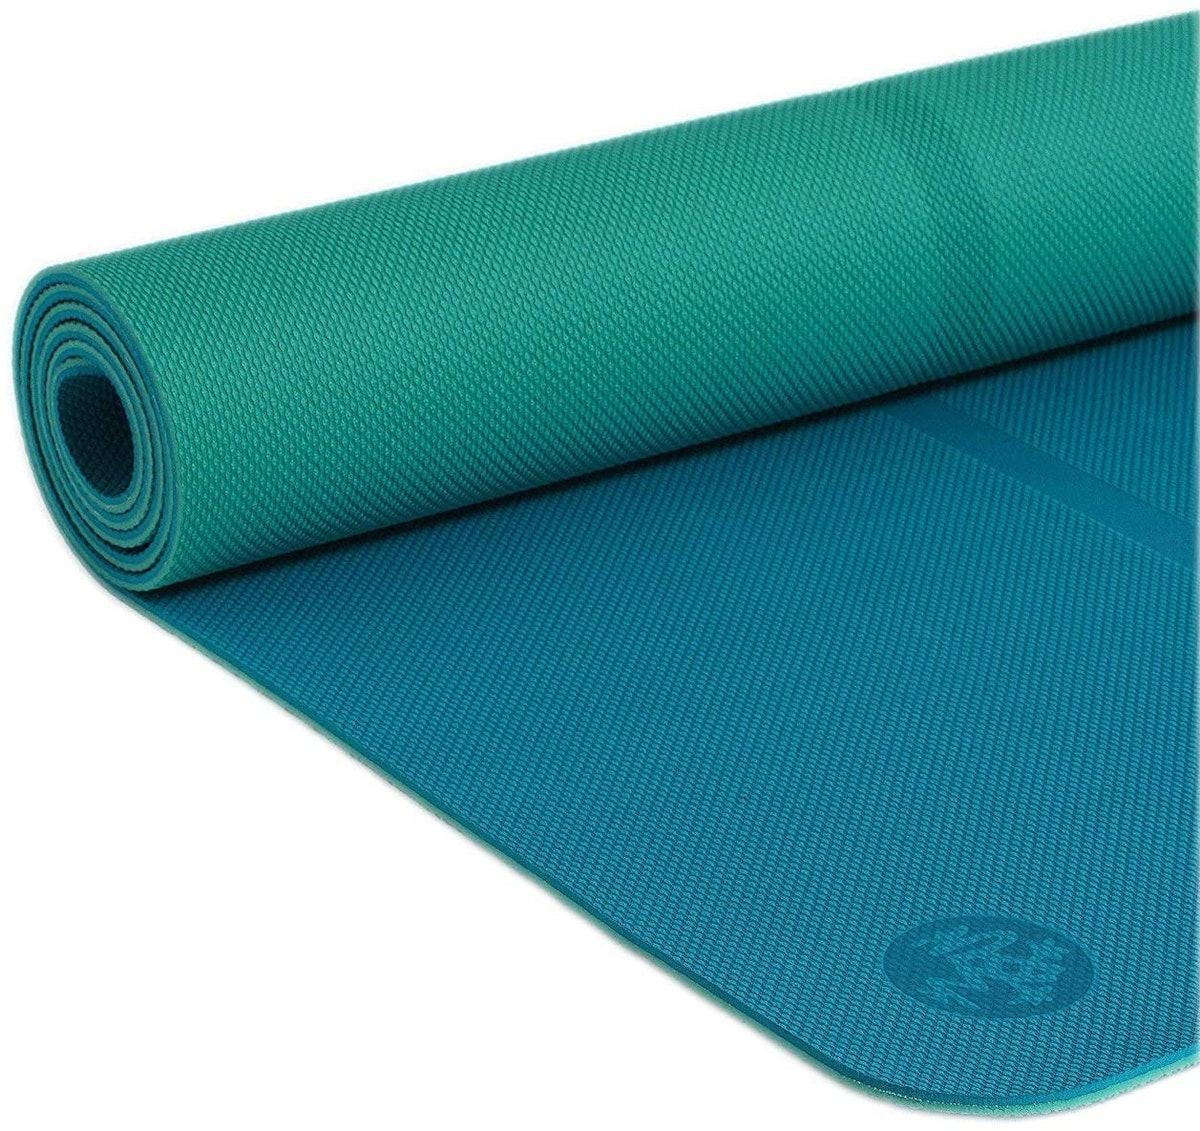 Manduka Begin Yoga Mat